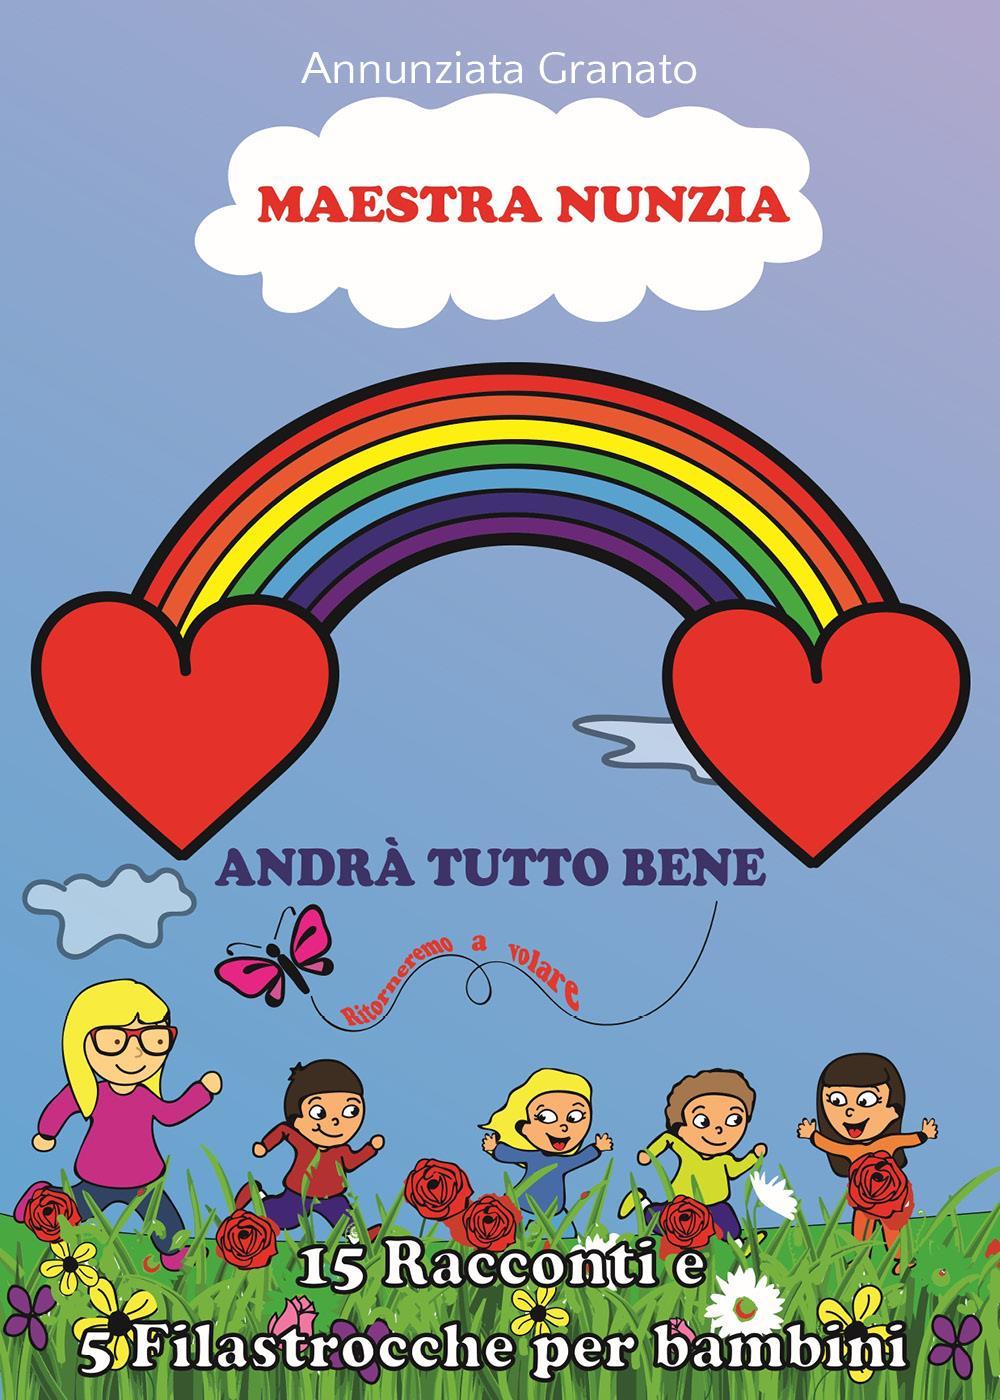 Maestra Nunzia - Andrà tutto bene, ritorneremo a volare!